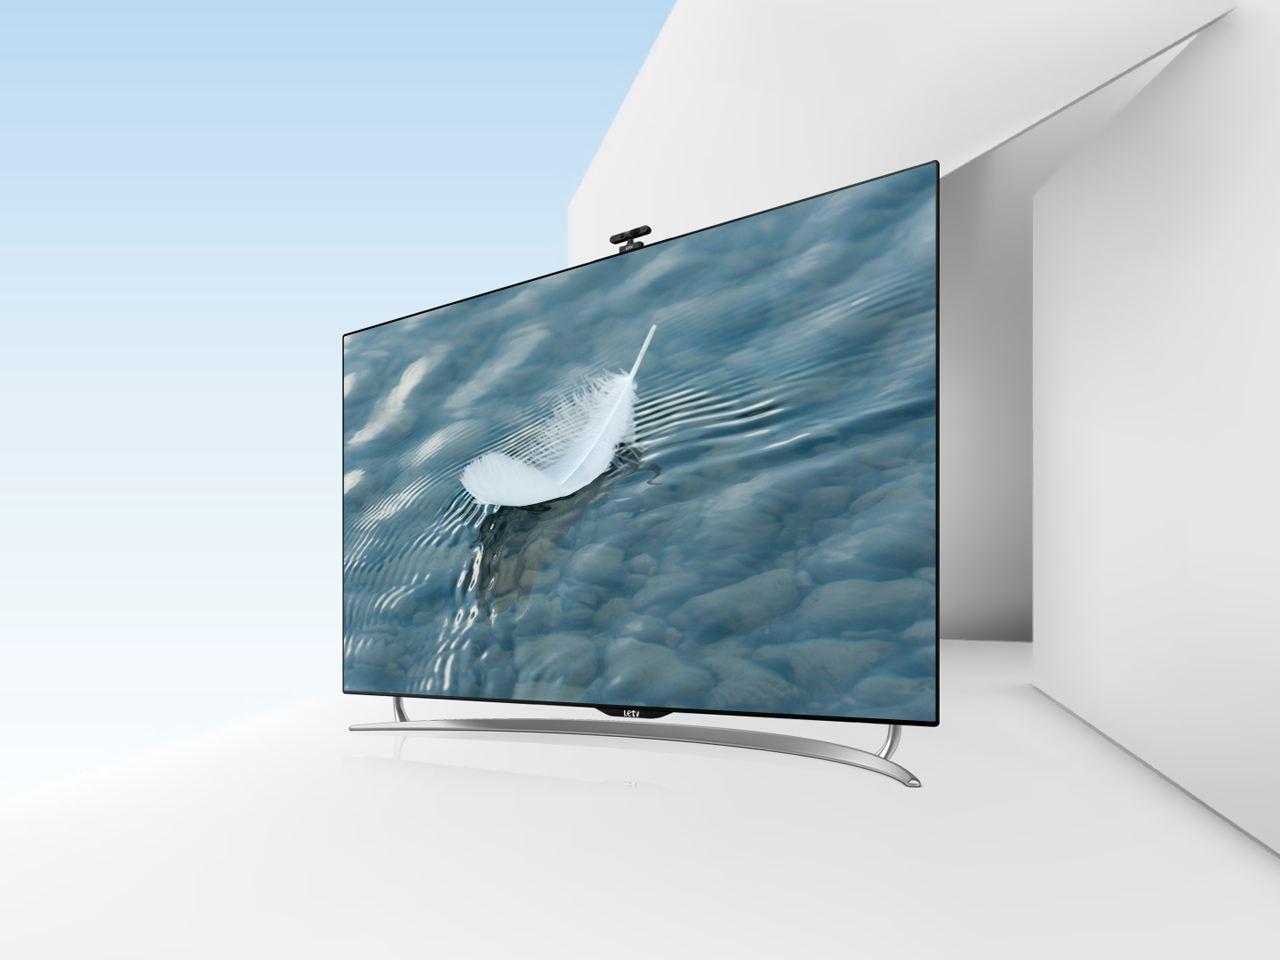 乐视超级电视超4 x50 pro电视ROOT强刷包+教程